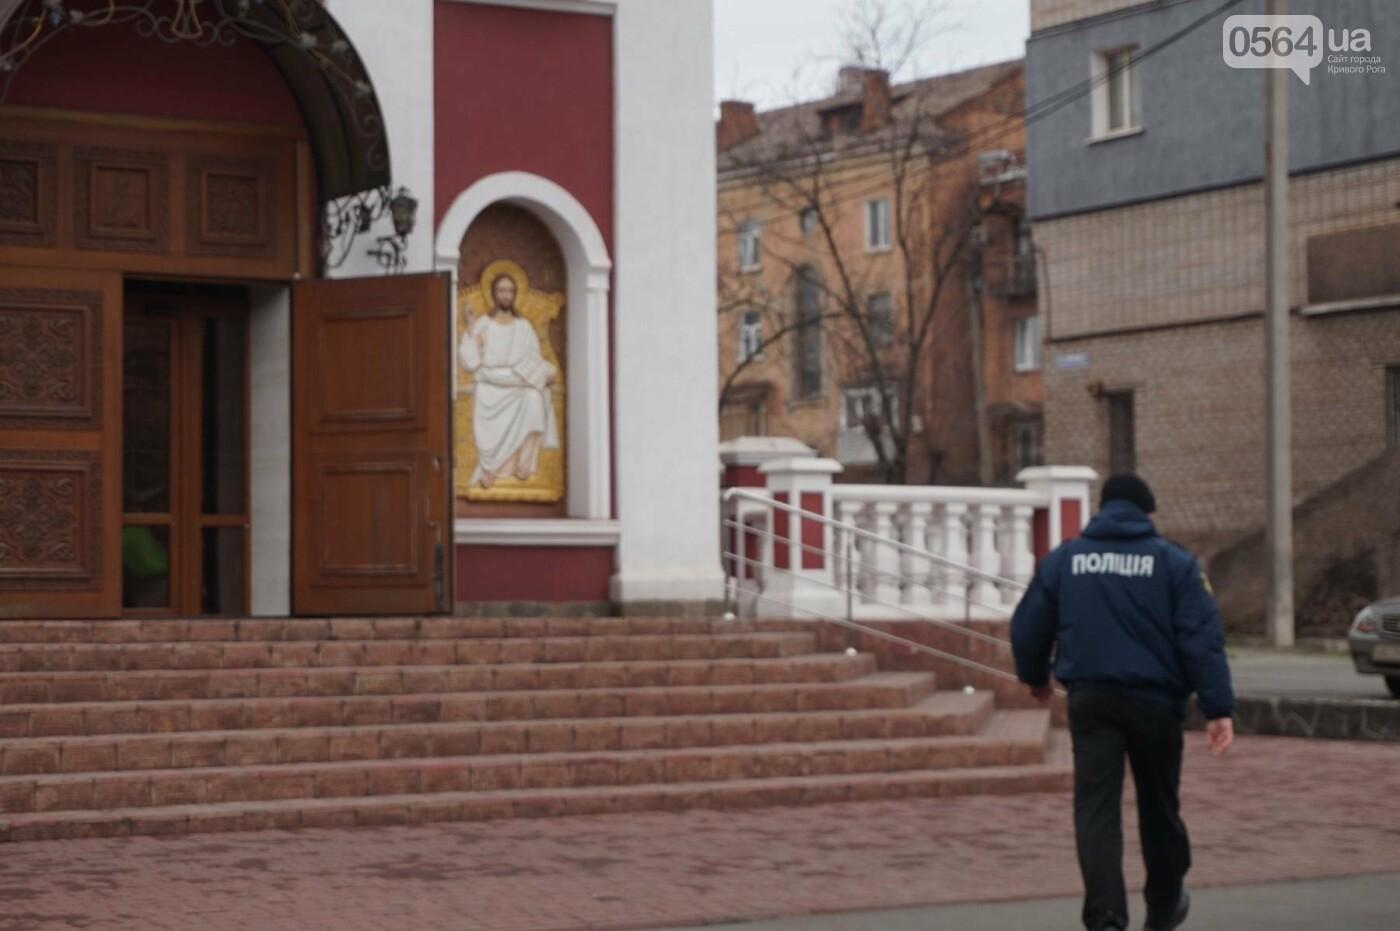 Криворожане, протестуя против политики УПЦ Московского патриархата,  принесли игрушки к храму (ФОТО, ВИДЕО), фото-3